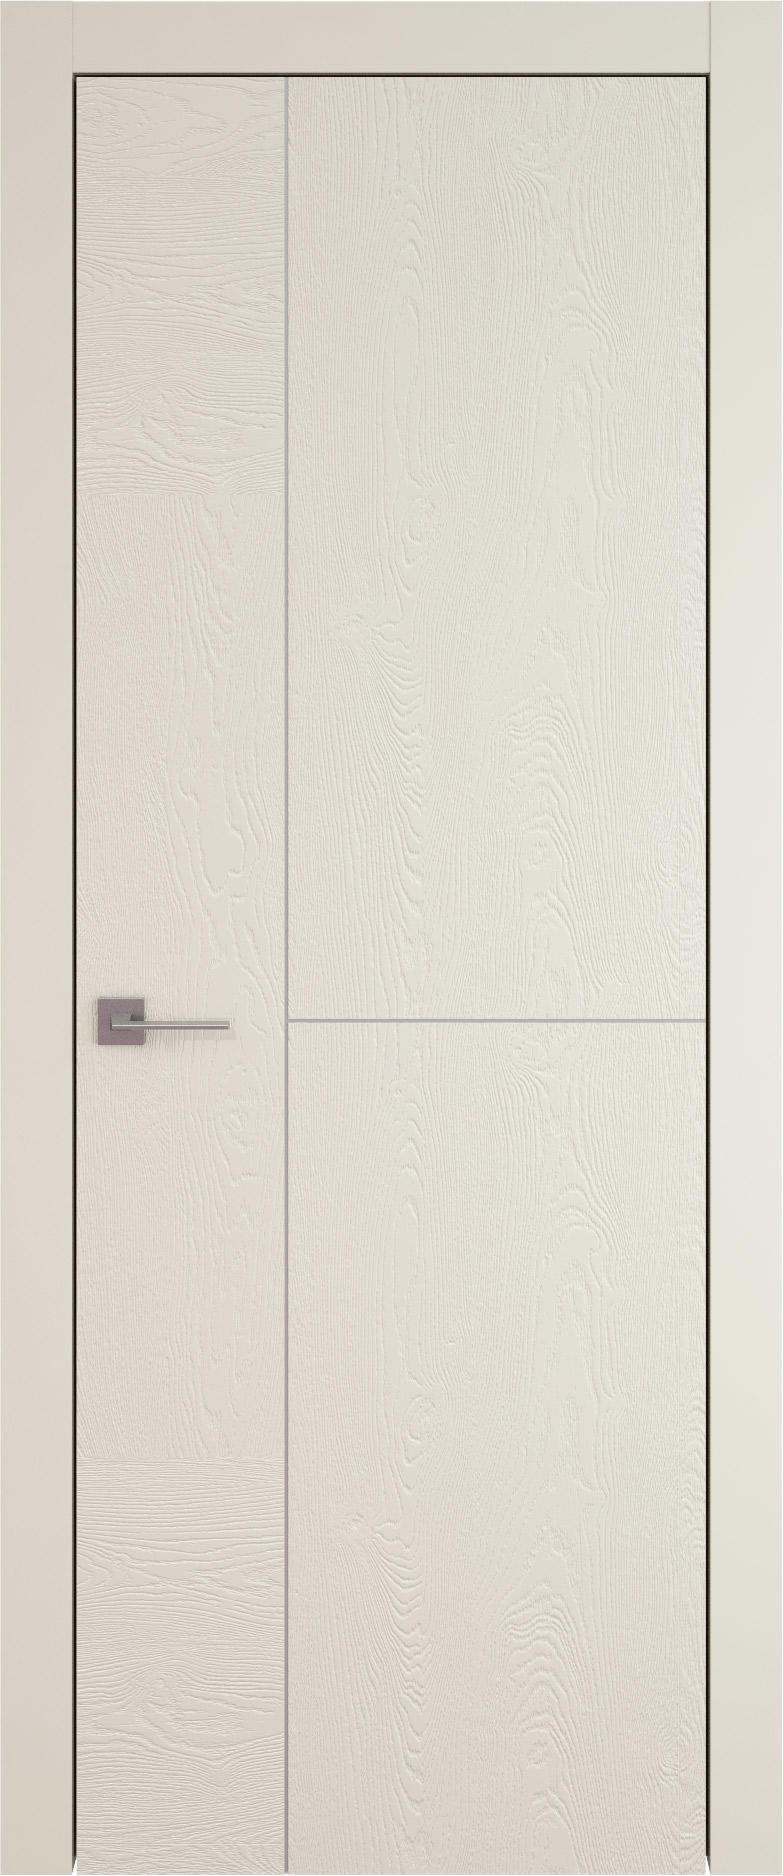 Tivoli Г-1 цвет - Жемчужная эмаль по шпону (RAL 1013) Без стекла (ДГ)